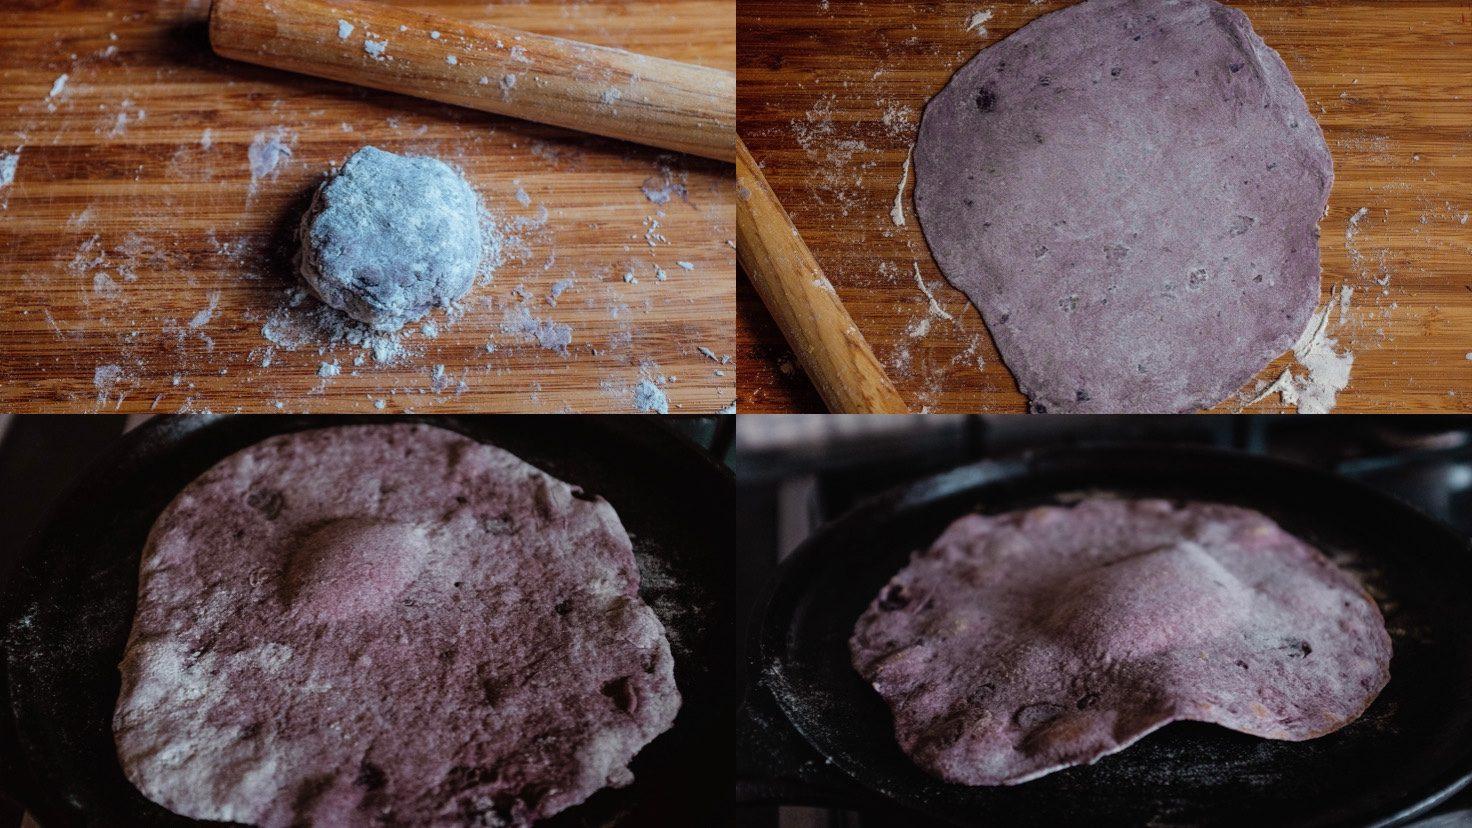 Scalda una padella piatta a media-bassa temperatura. Metti l'impasto arrotolato nella padella. Quando si formano le prime bollicine, continua a friggere per altri 20 - 30 secondi poi gira. Cuoci l'altro lato per altri 30 - 45 secondi.